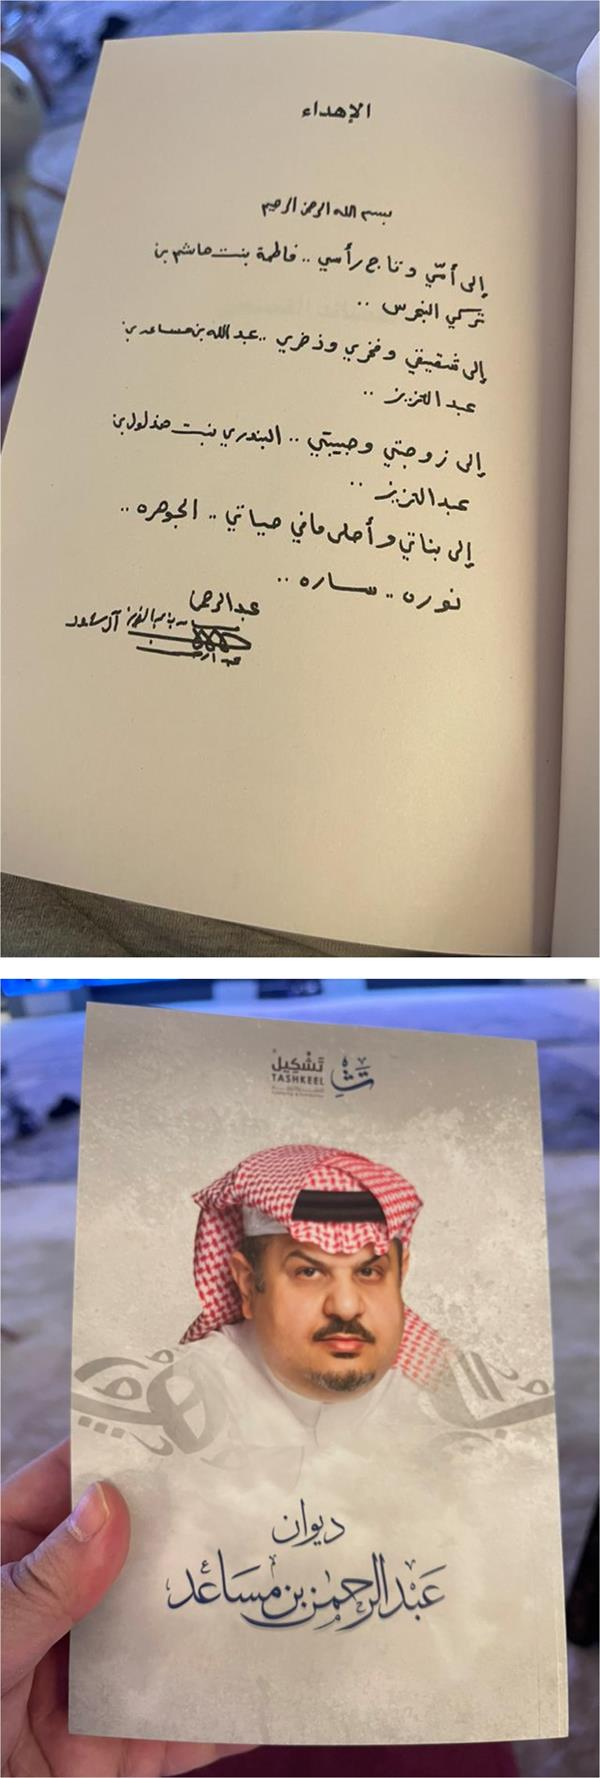 ديوان الأمير عبد الرحمن بن مساعد